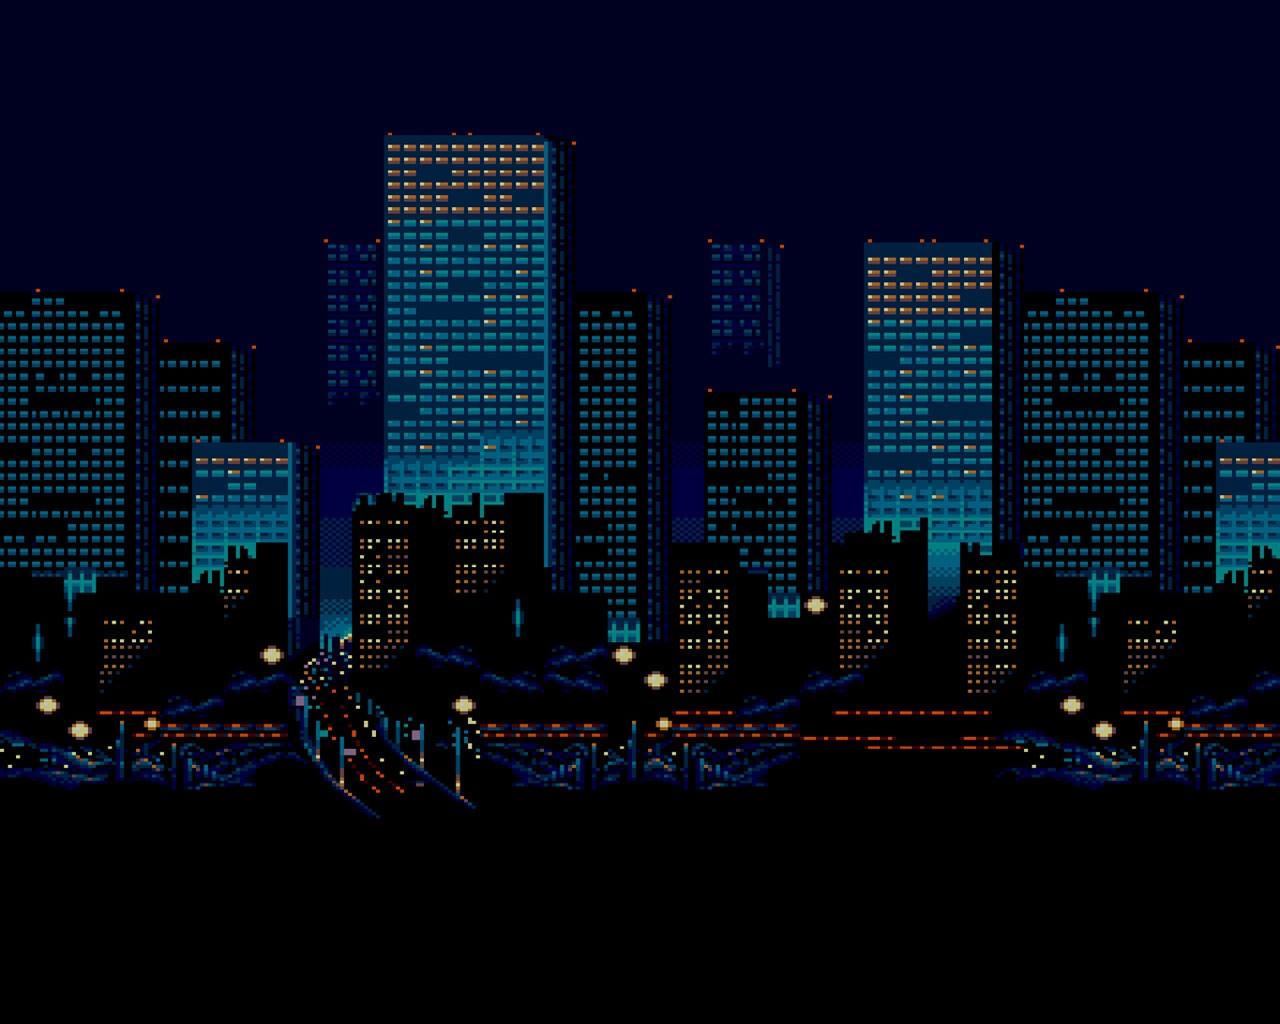 Night City lights PPT Backgrounds